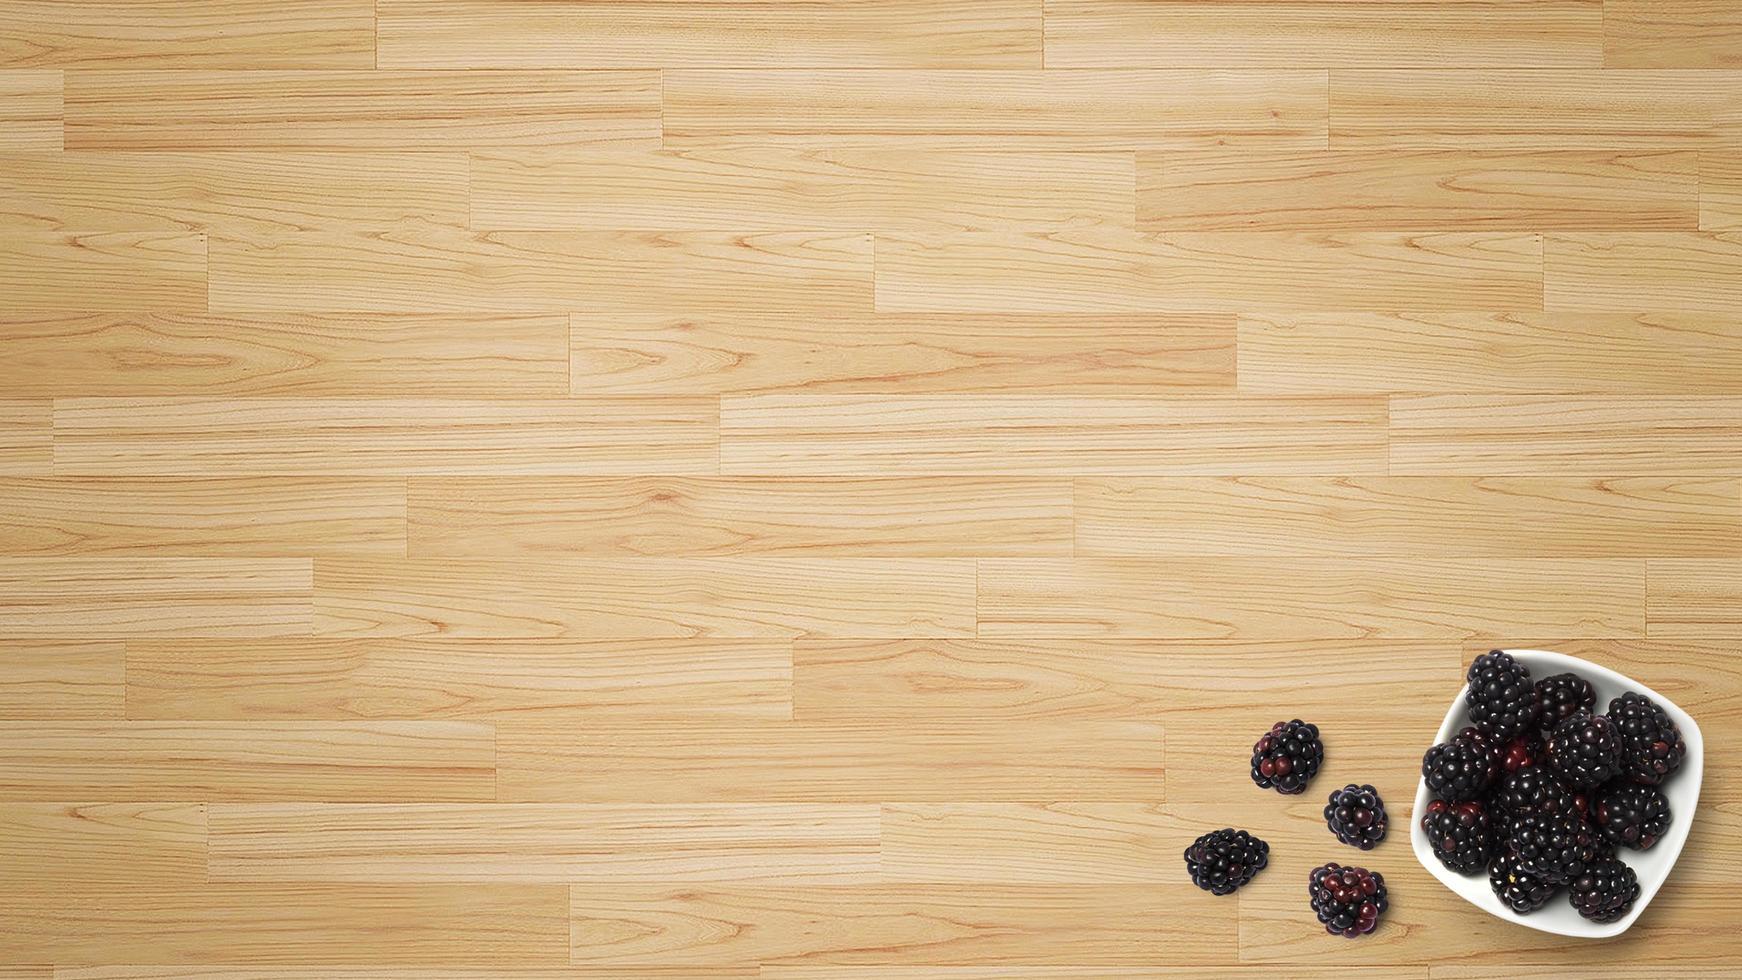 schwarze Maulbeerfrucht auf hölzernem Hintergrund foto